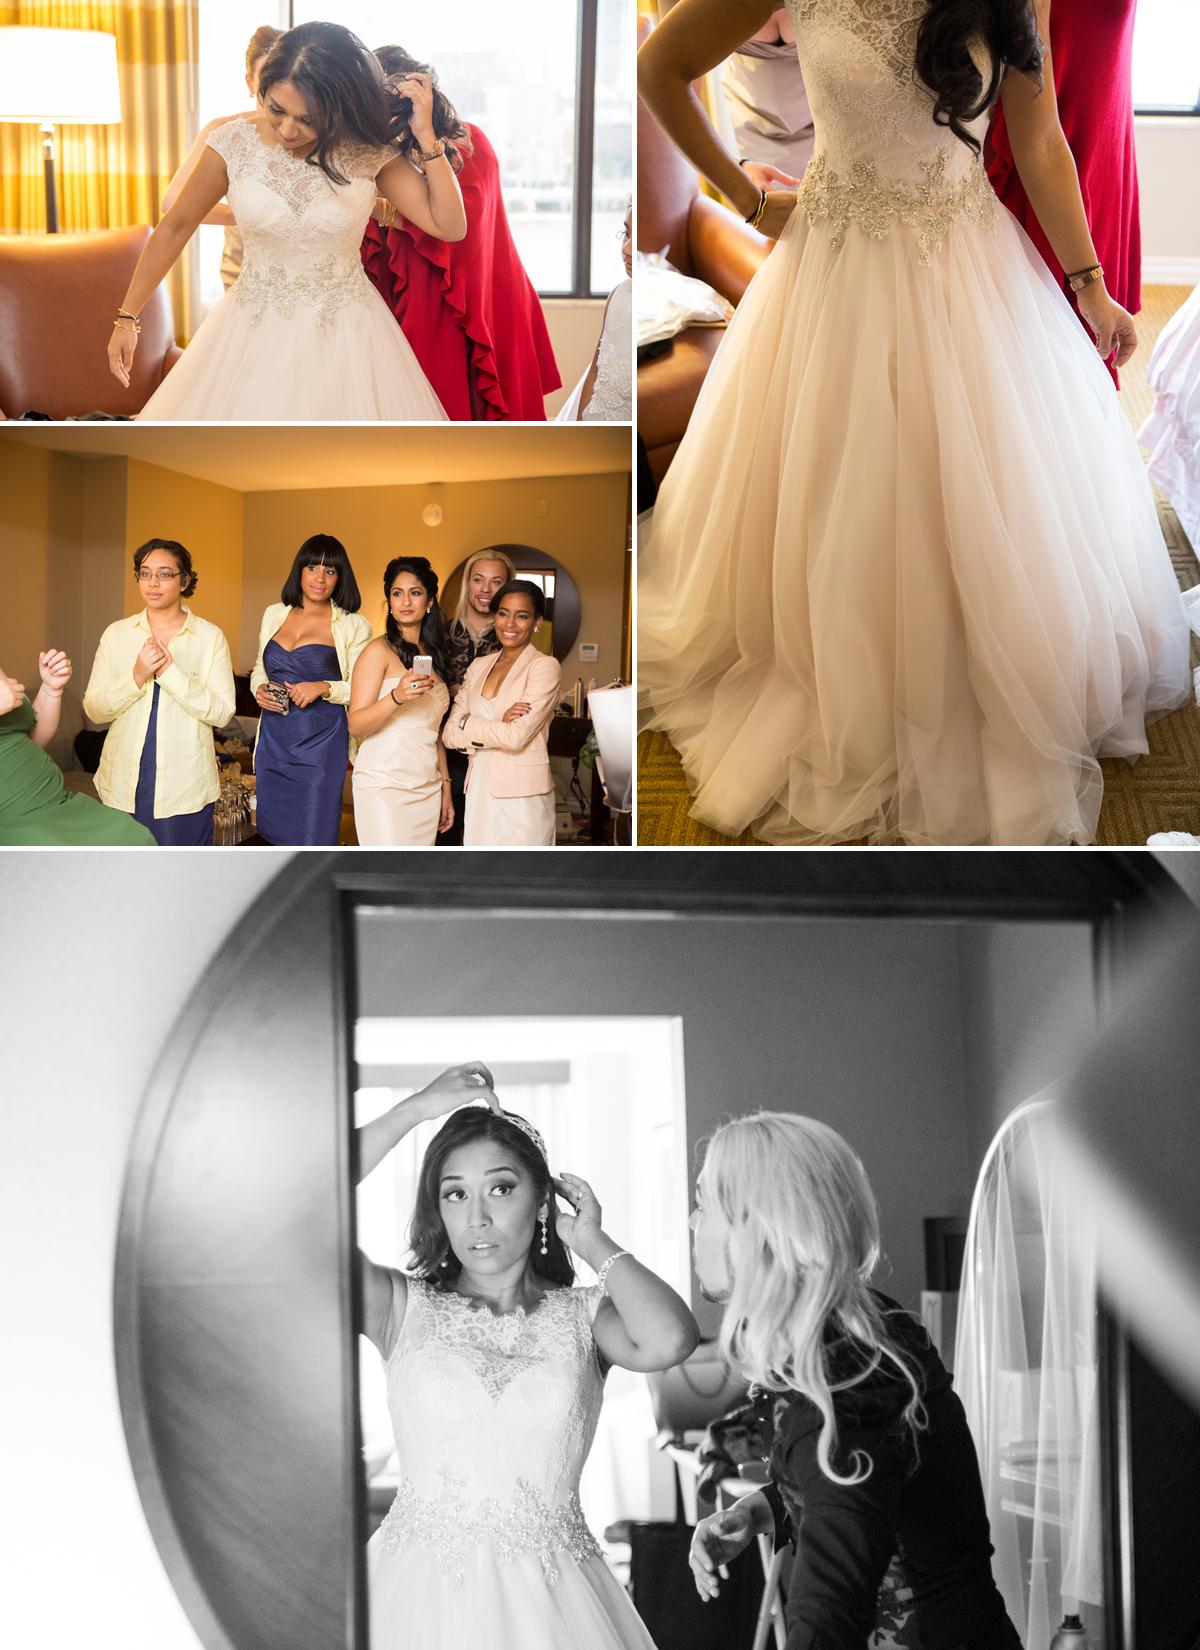 pittsburgh-wedding-photographer-lemont-wedding-overlook-004